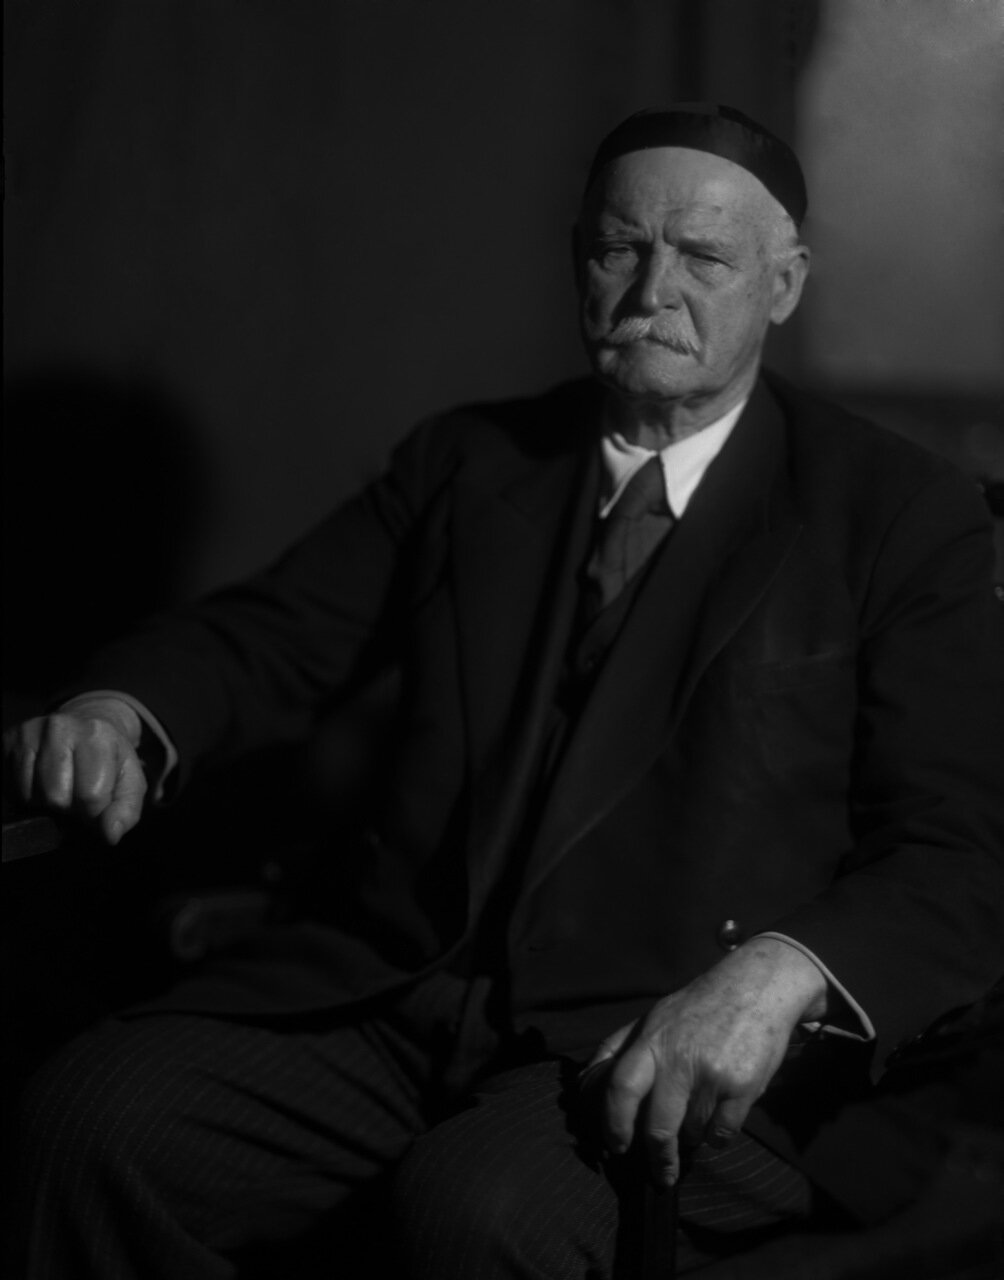 Кистяковский Владимир Александрович (30 сентября (12 октября) 1865, Киев — 19 октября 1952, Москва) — российский и советский физикохимик, академик АН СССР (1929, член-корреспондент с 1925).